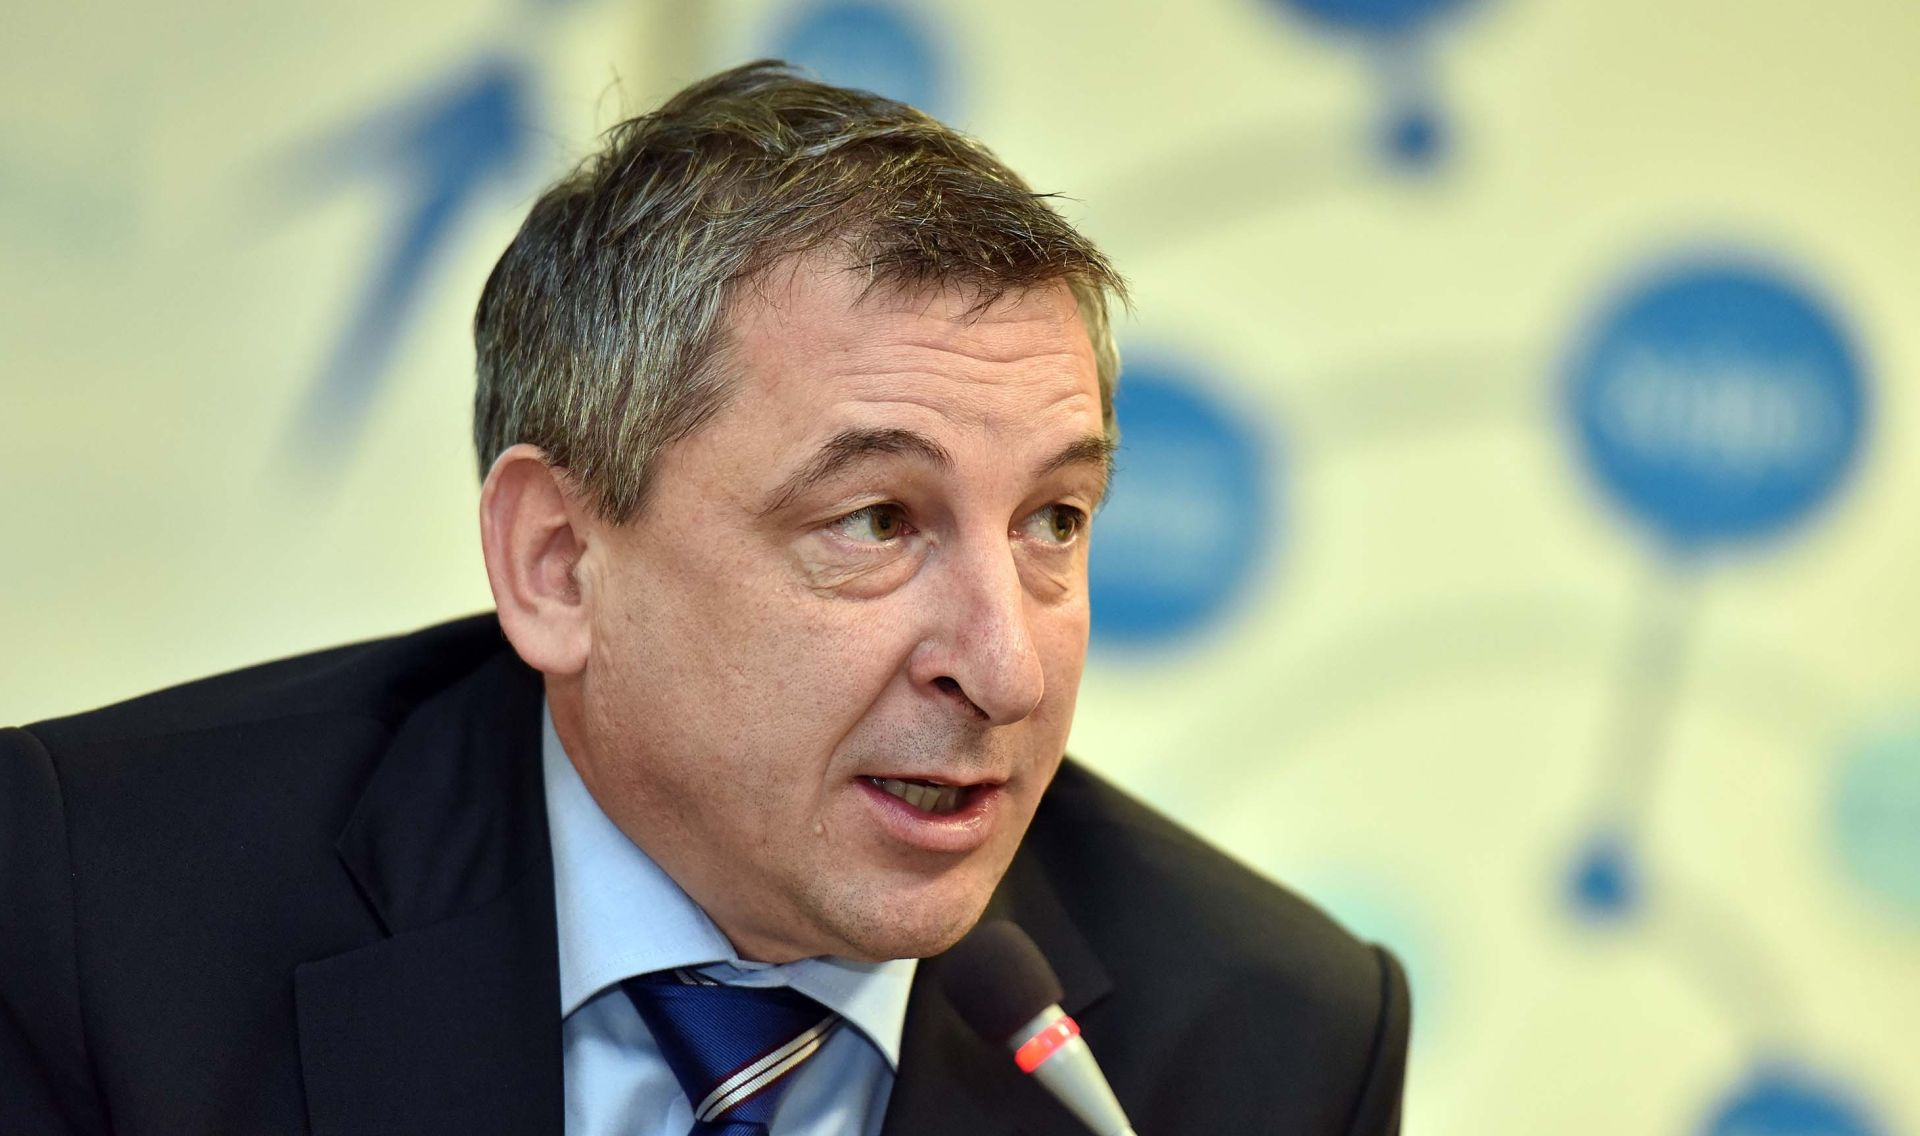 HDZ: Varaždinski župan Štromar obmanjuje javnost